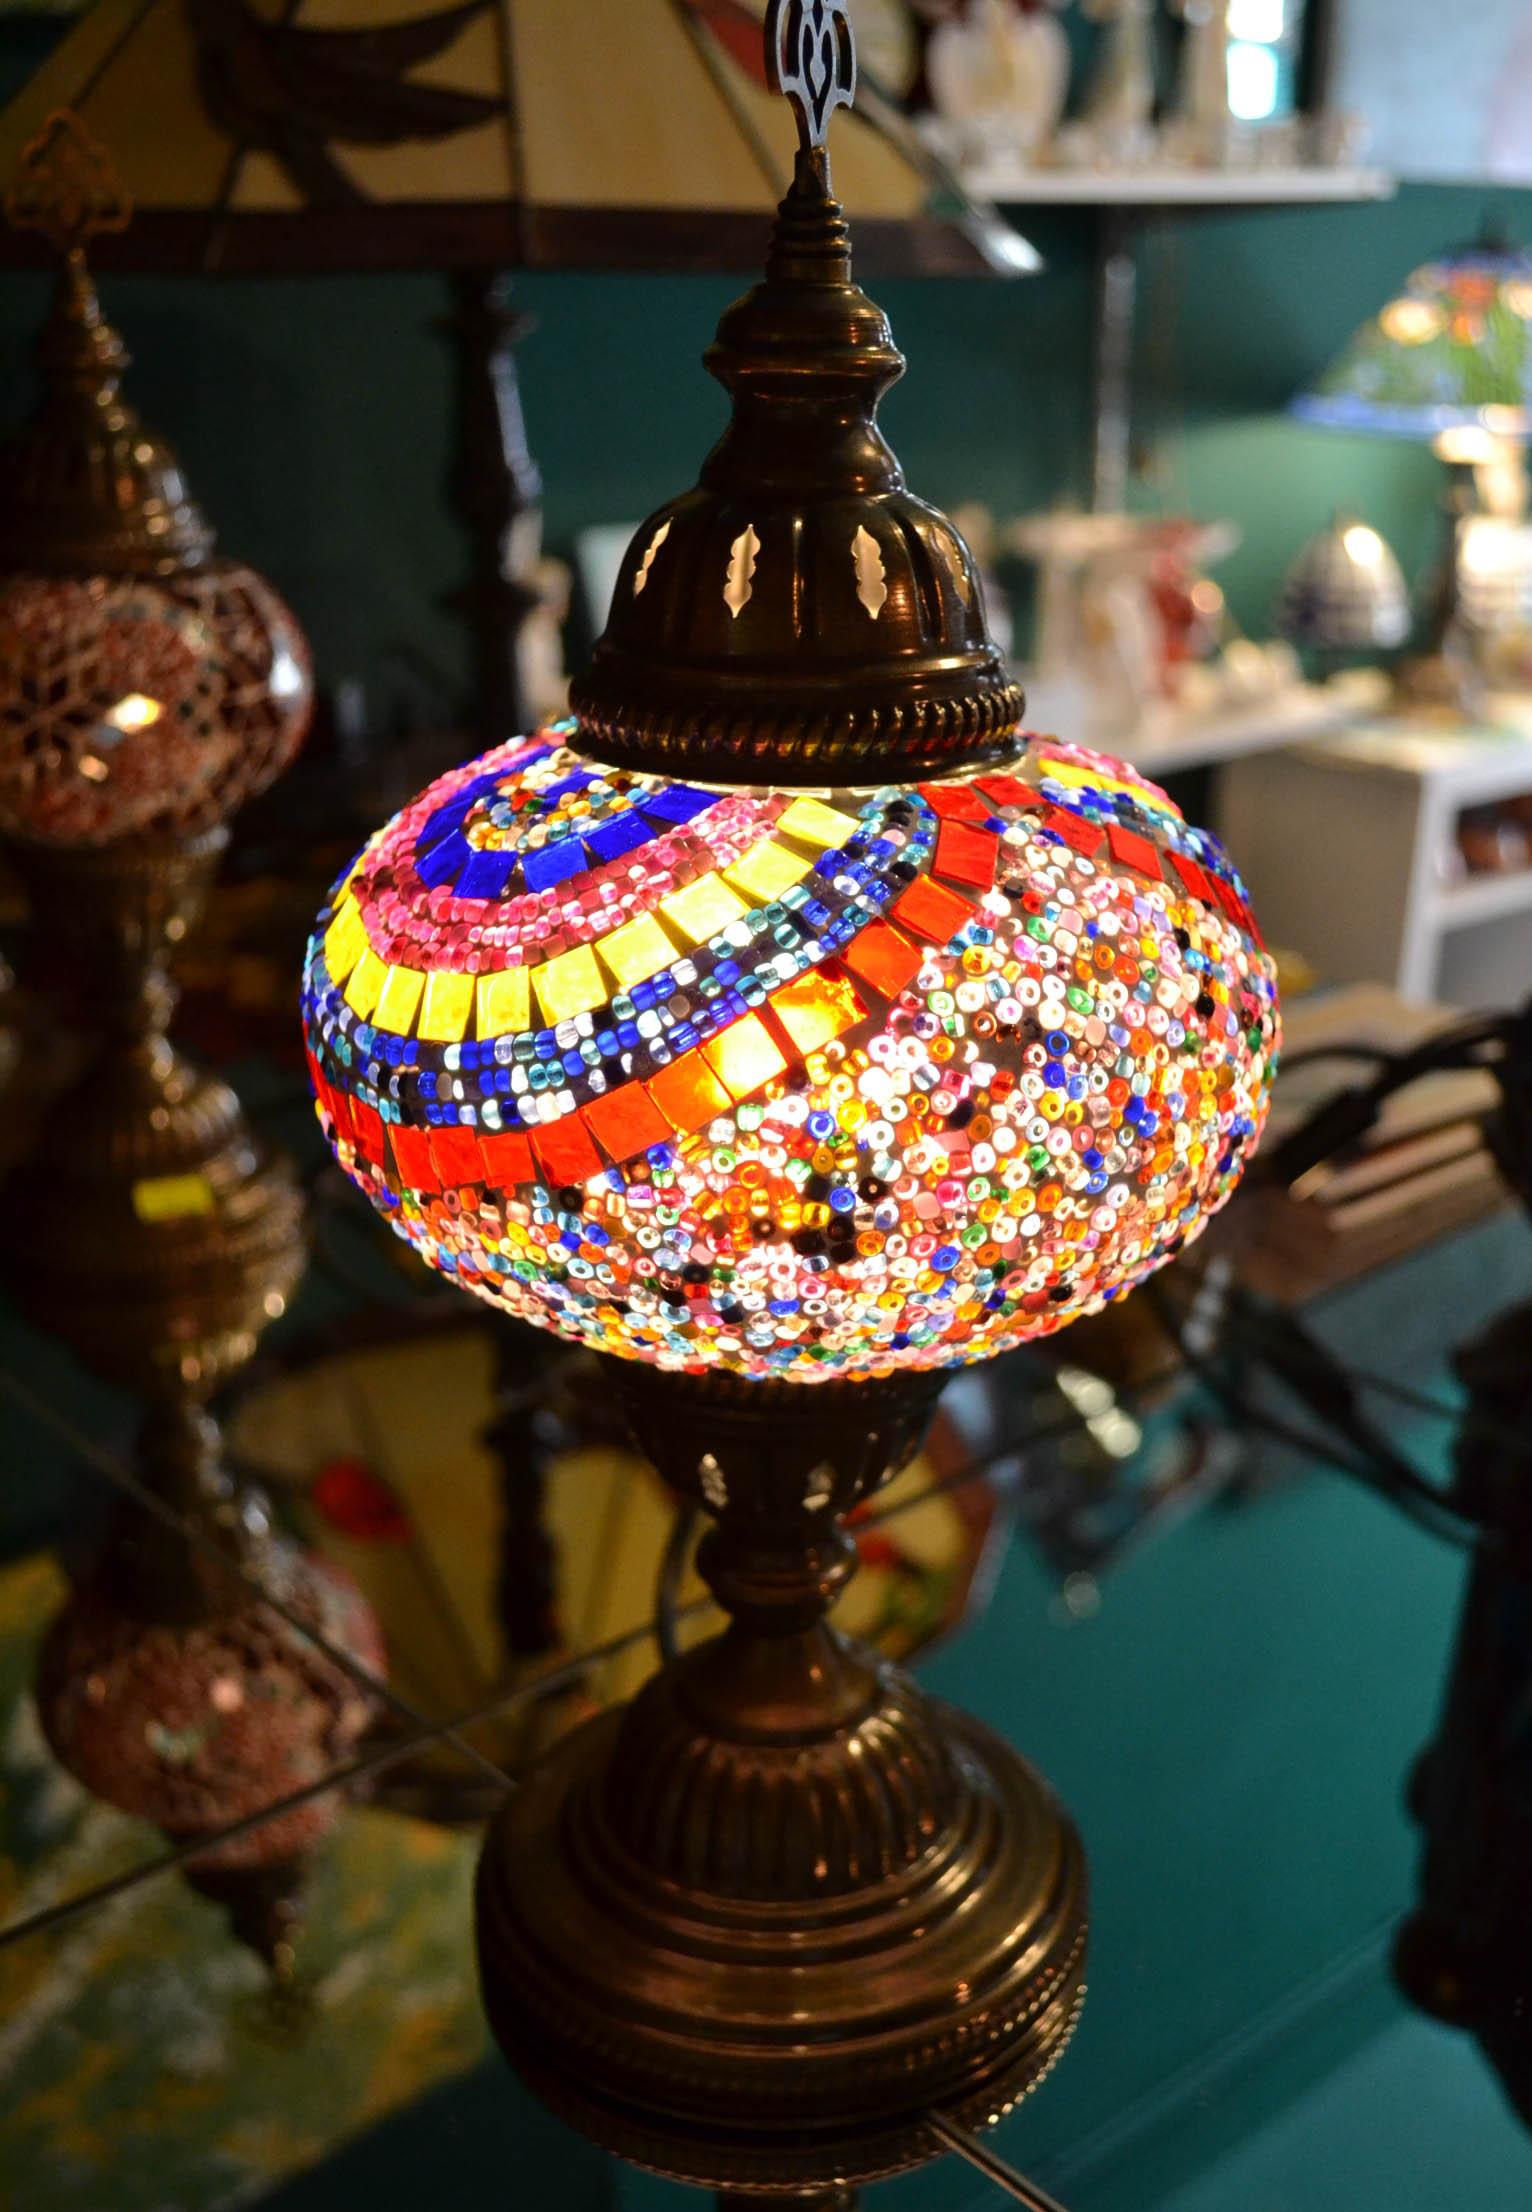 mosaiklampe_bunt